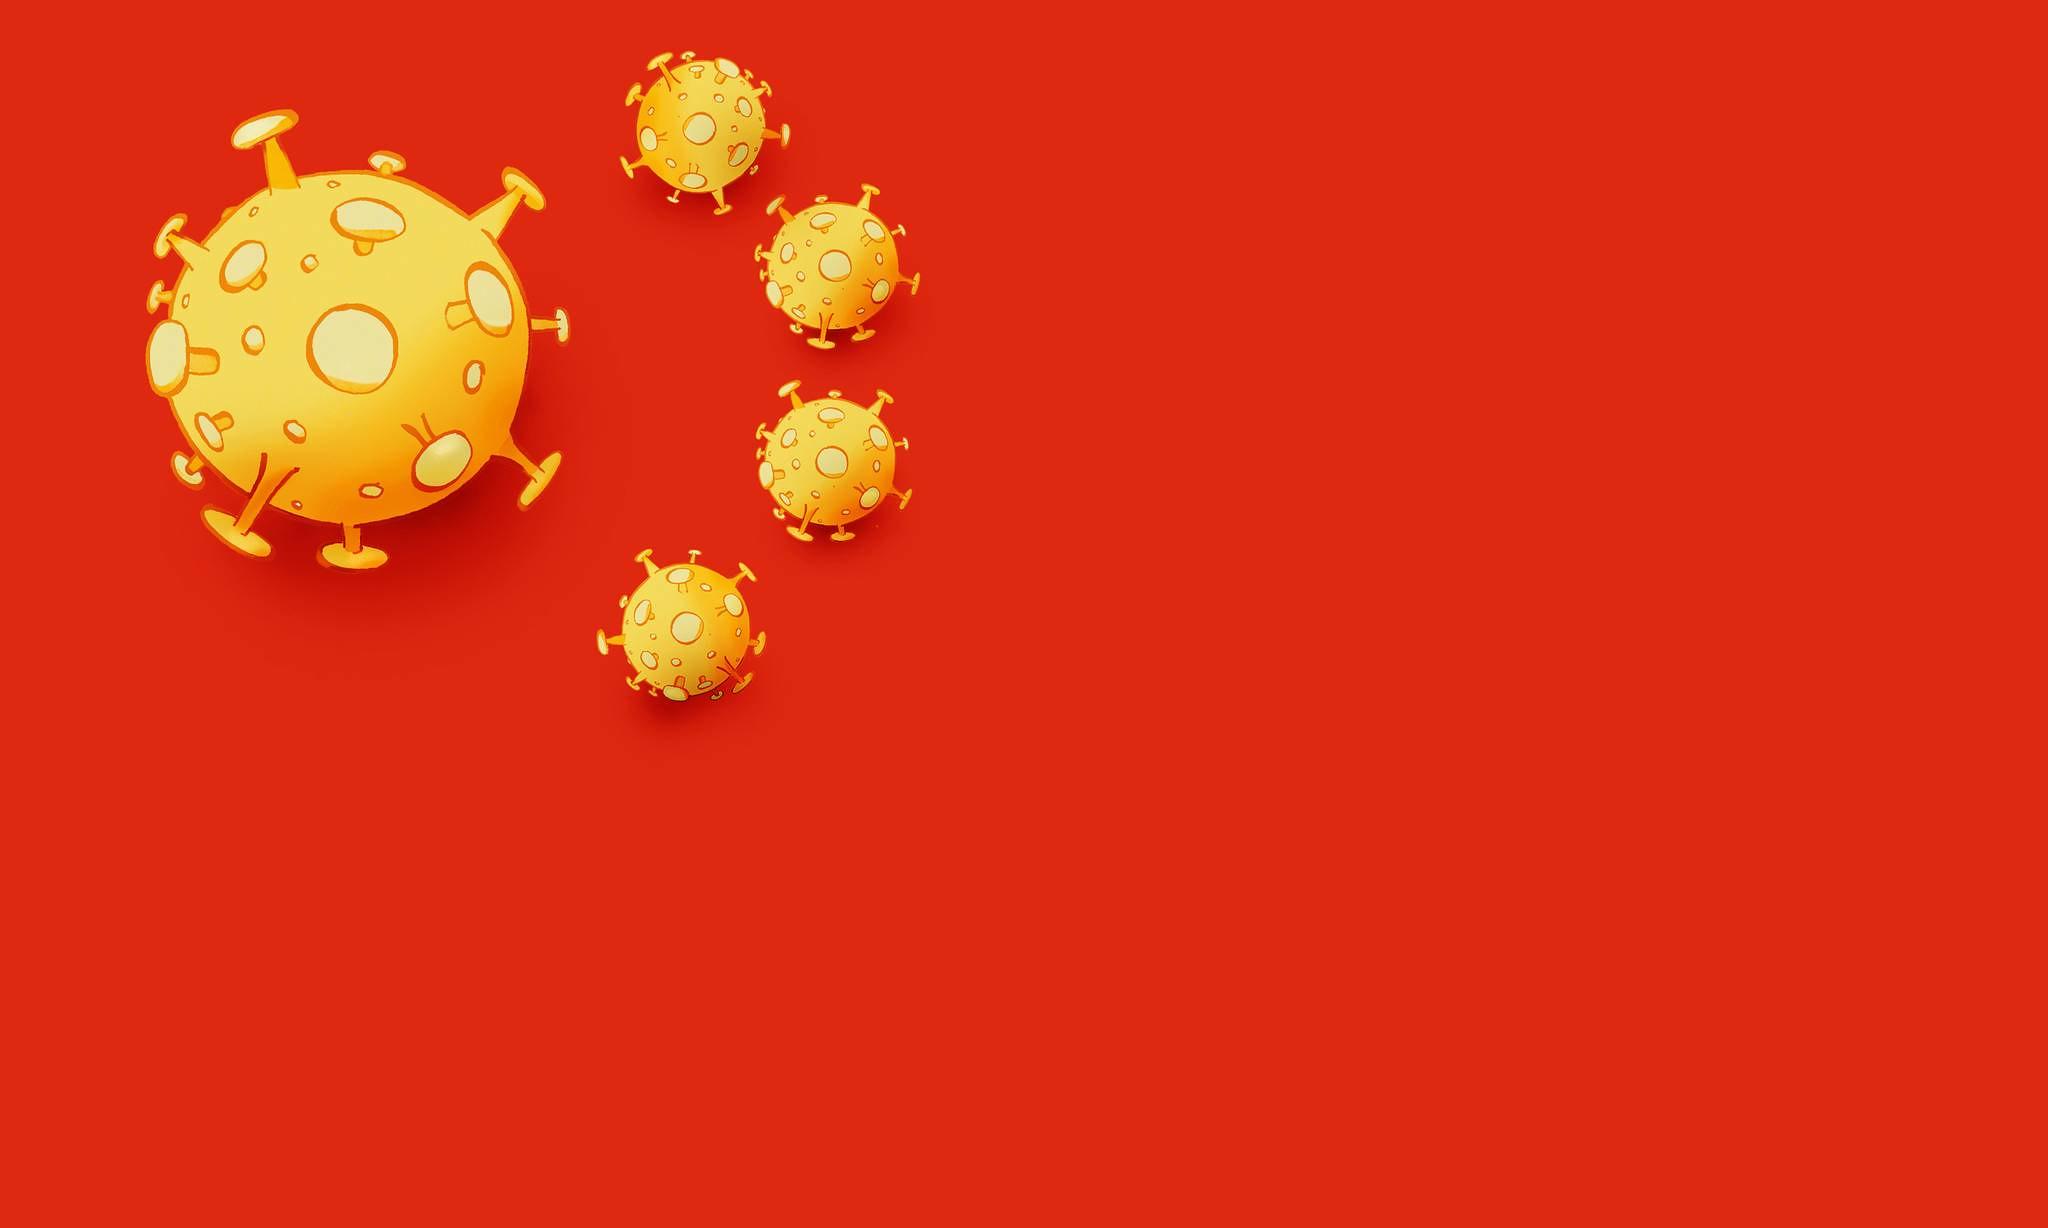 El impacto de la crisis del coronavirus en tus finanzas personales